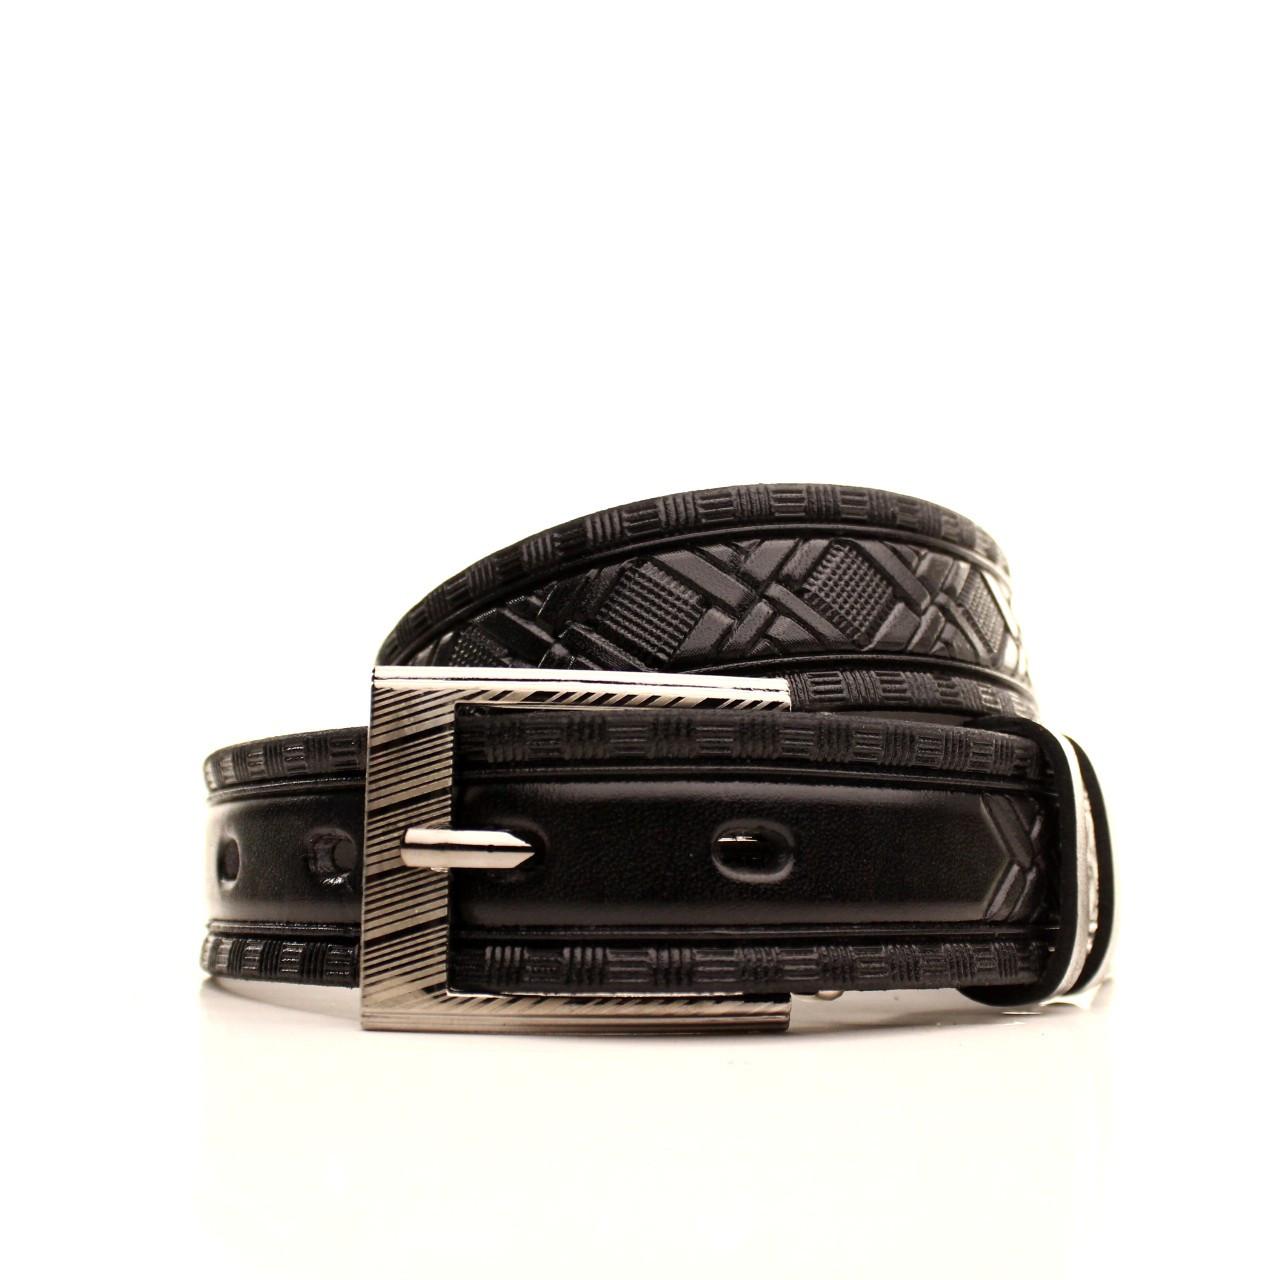 Ремень кожаный Lazar 60-70 см черный l30u3w20